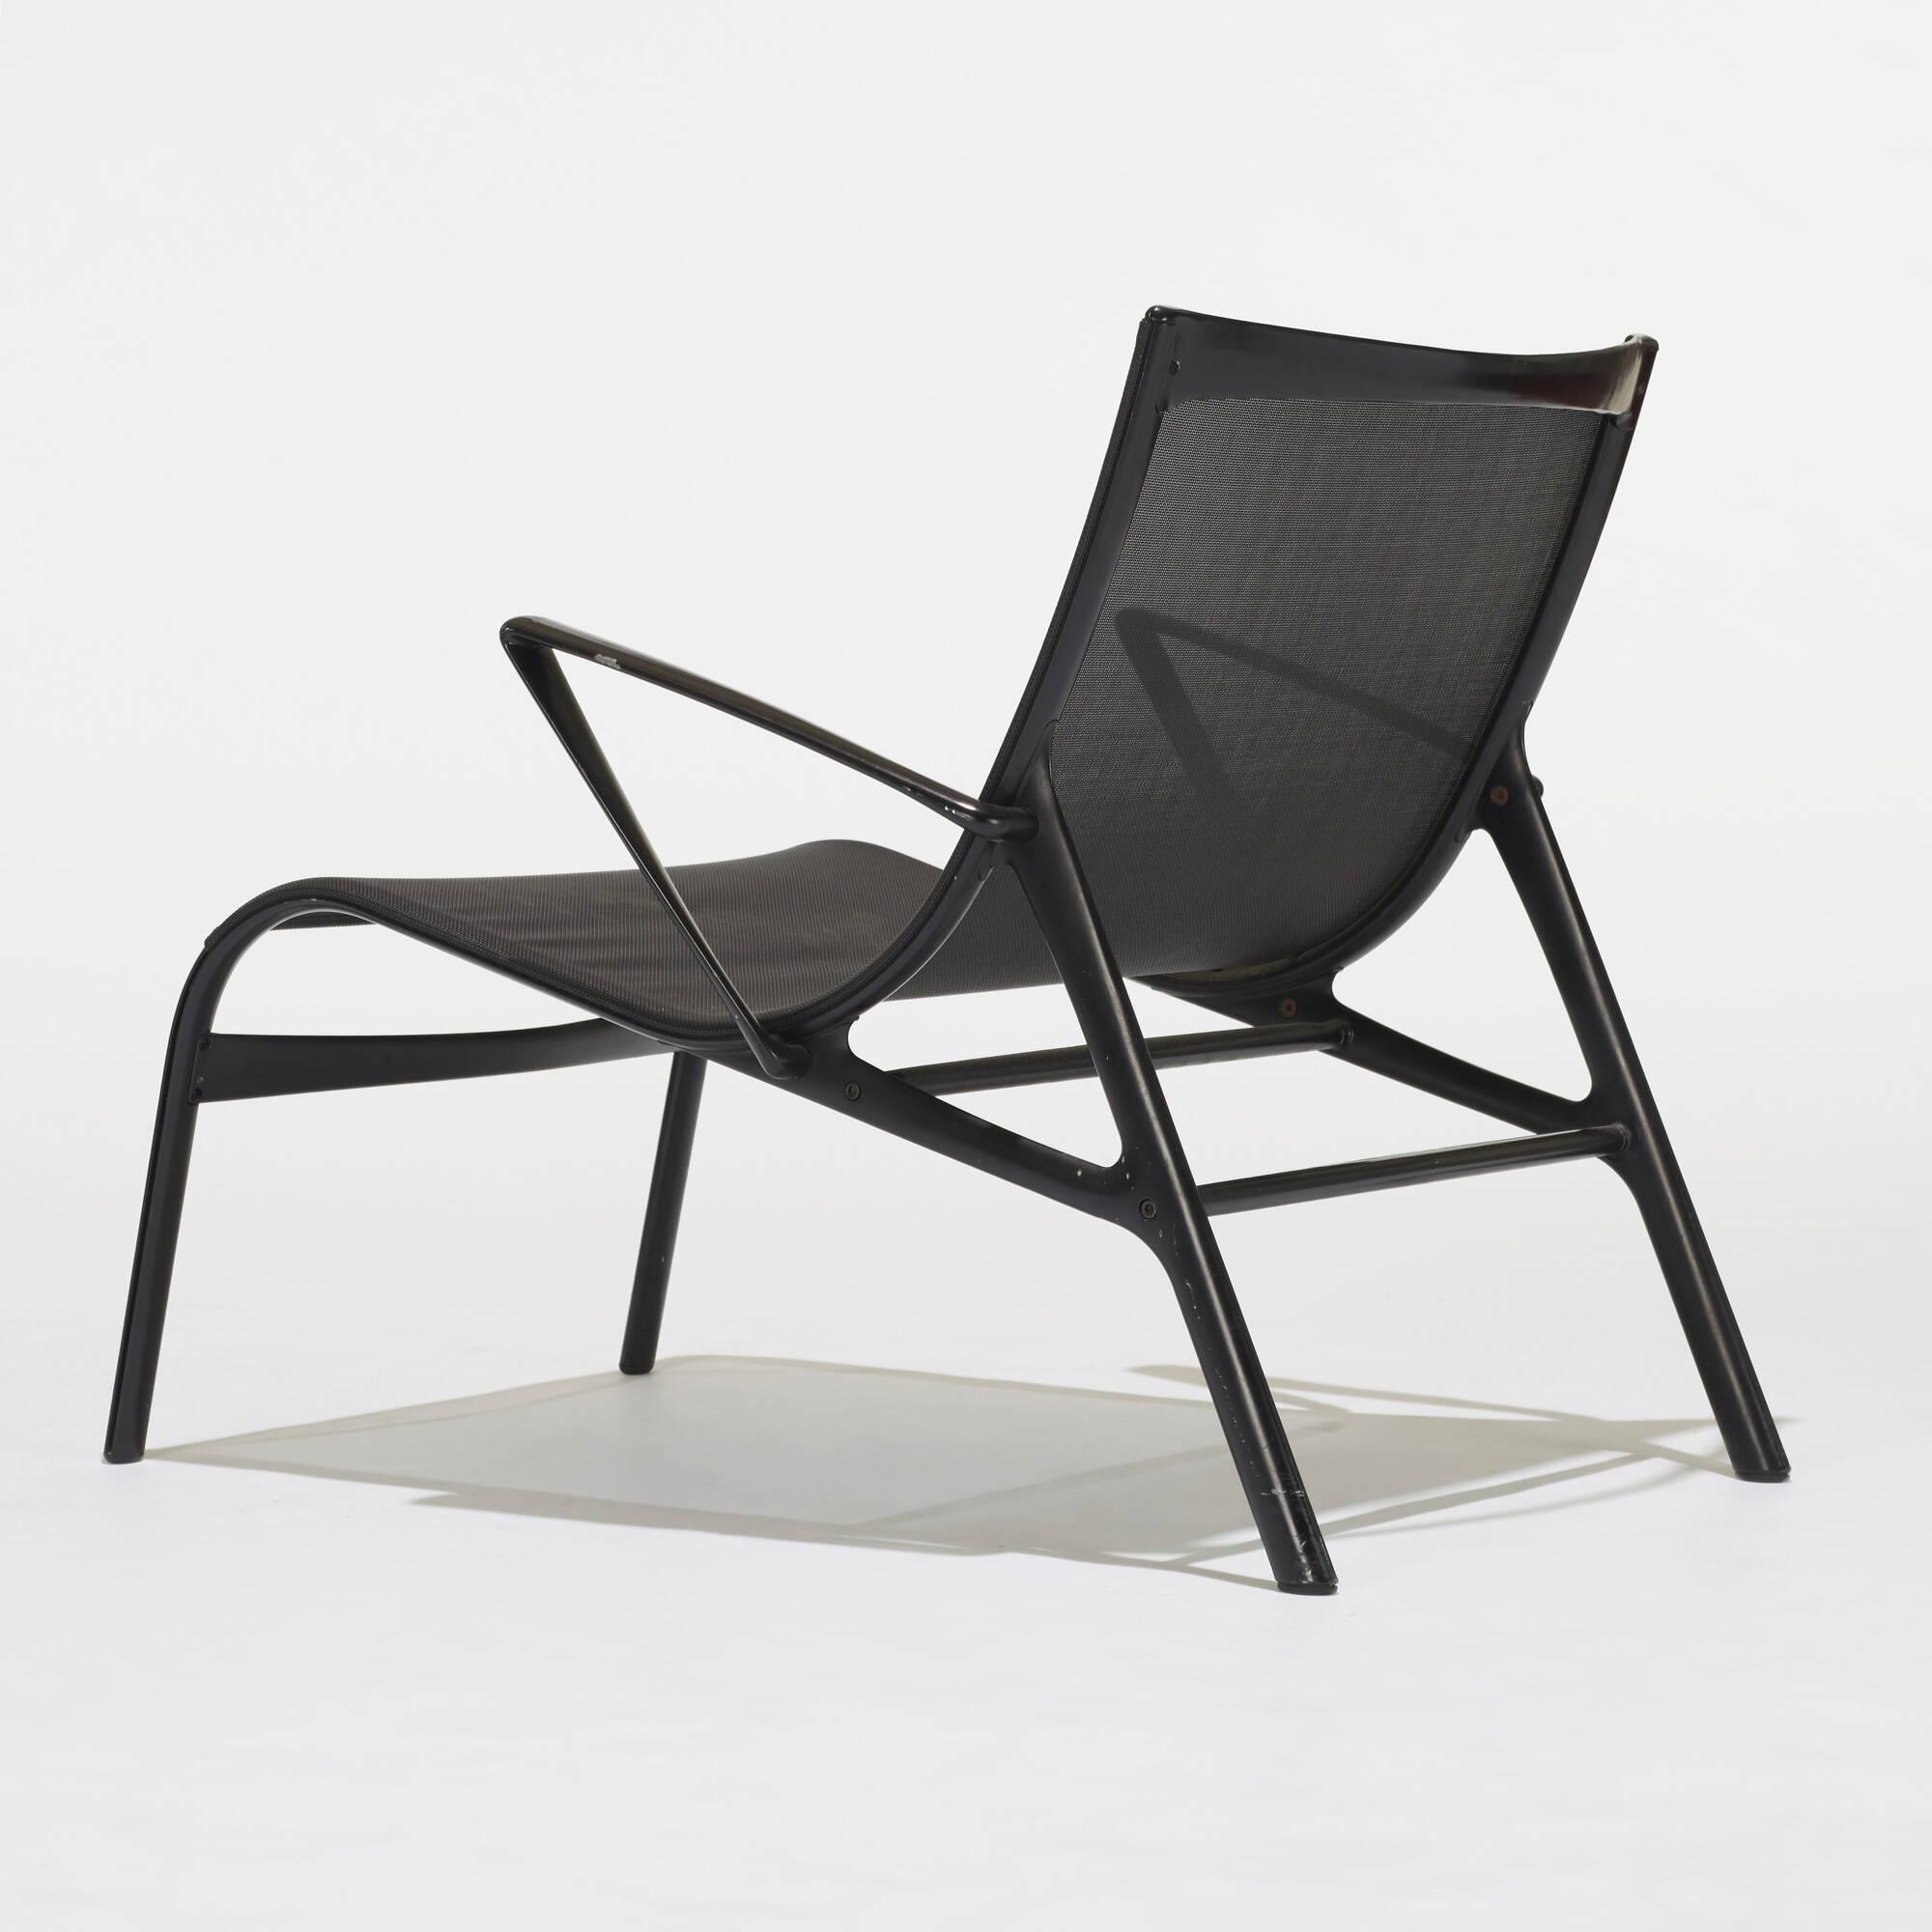 429: Alberto Meda / Armframe chair, model 438 (4 of 4)